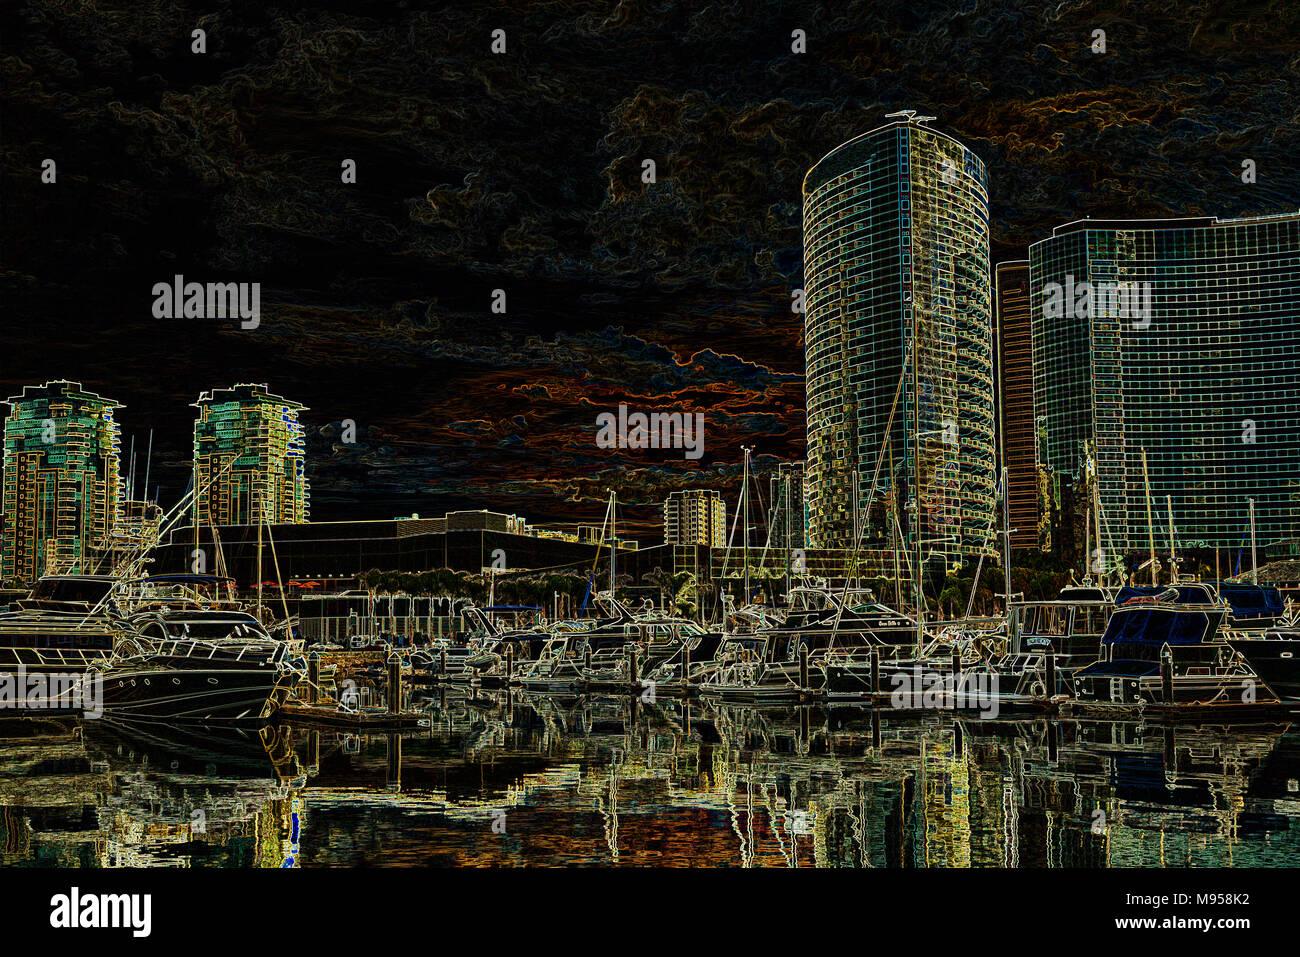 Embarcadero Marina und der Innenstadt von Gebäuden, San Diego, Kalifornien, USA. Foto verarbeitet mit leuchtenden Kanten Effekt. Stockbild